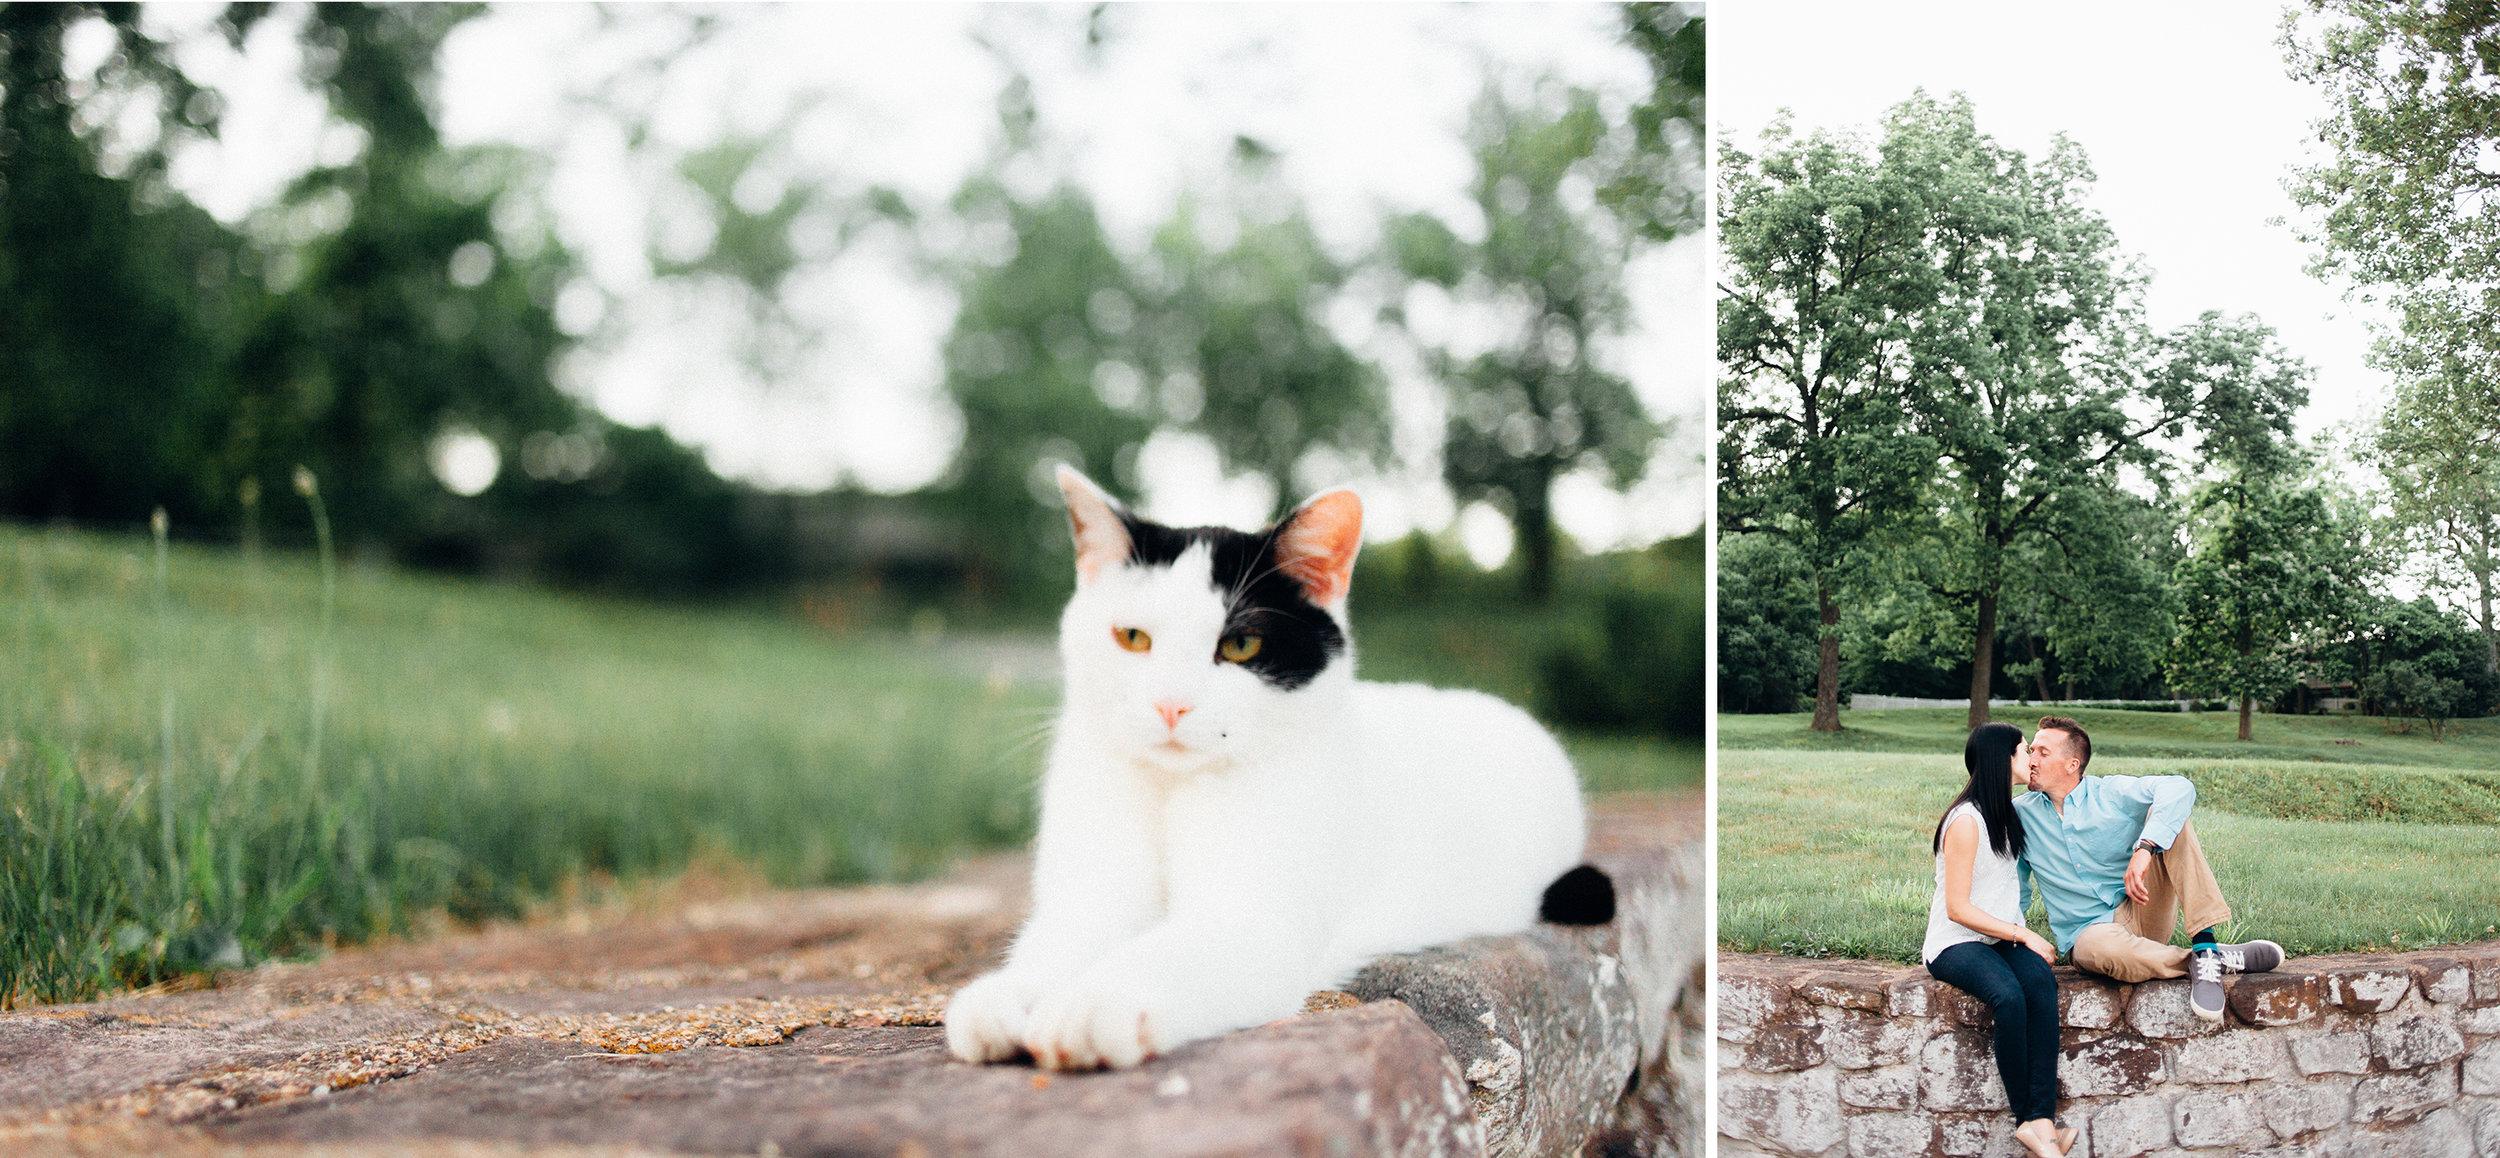 rebekahviolaphotography6